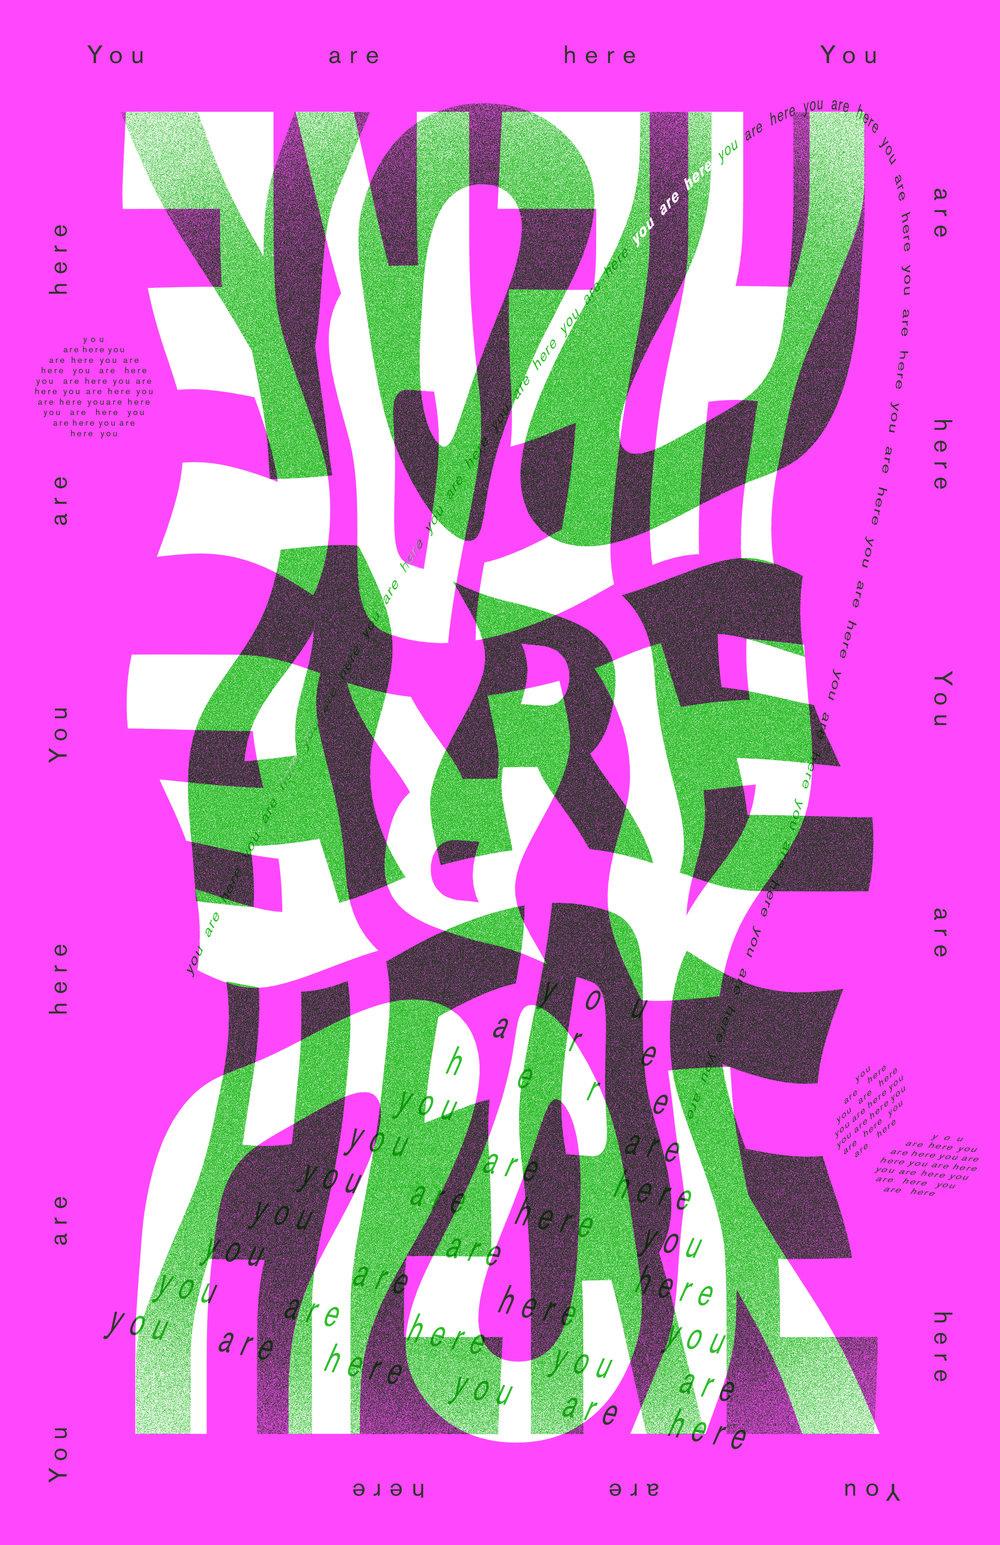 Green and Pink, by Juan Pablo Rahal.jpg